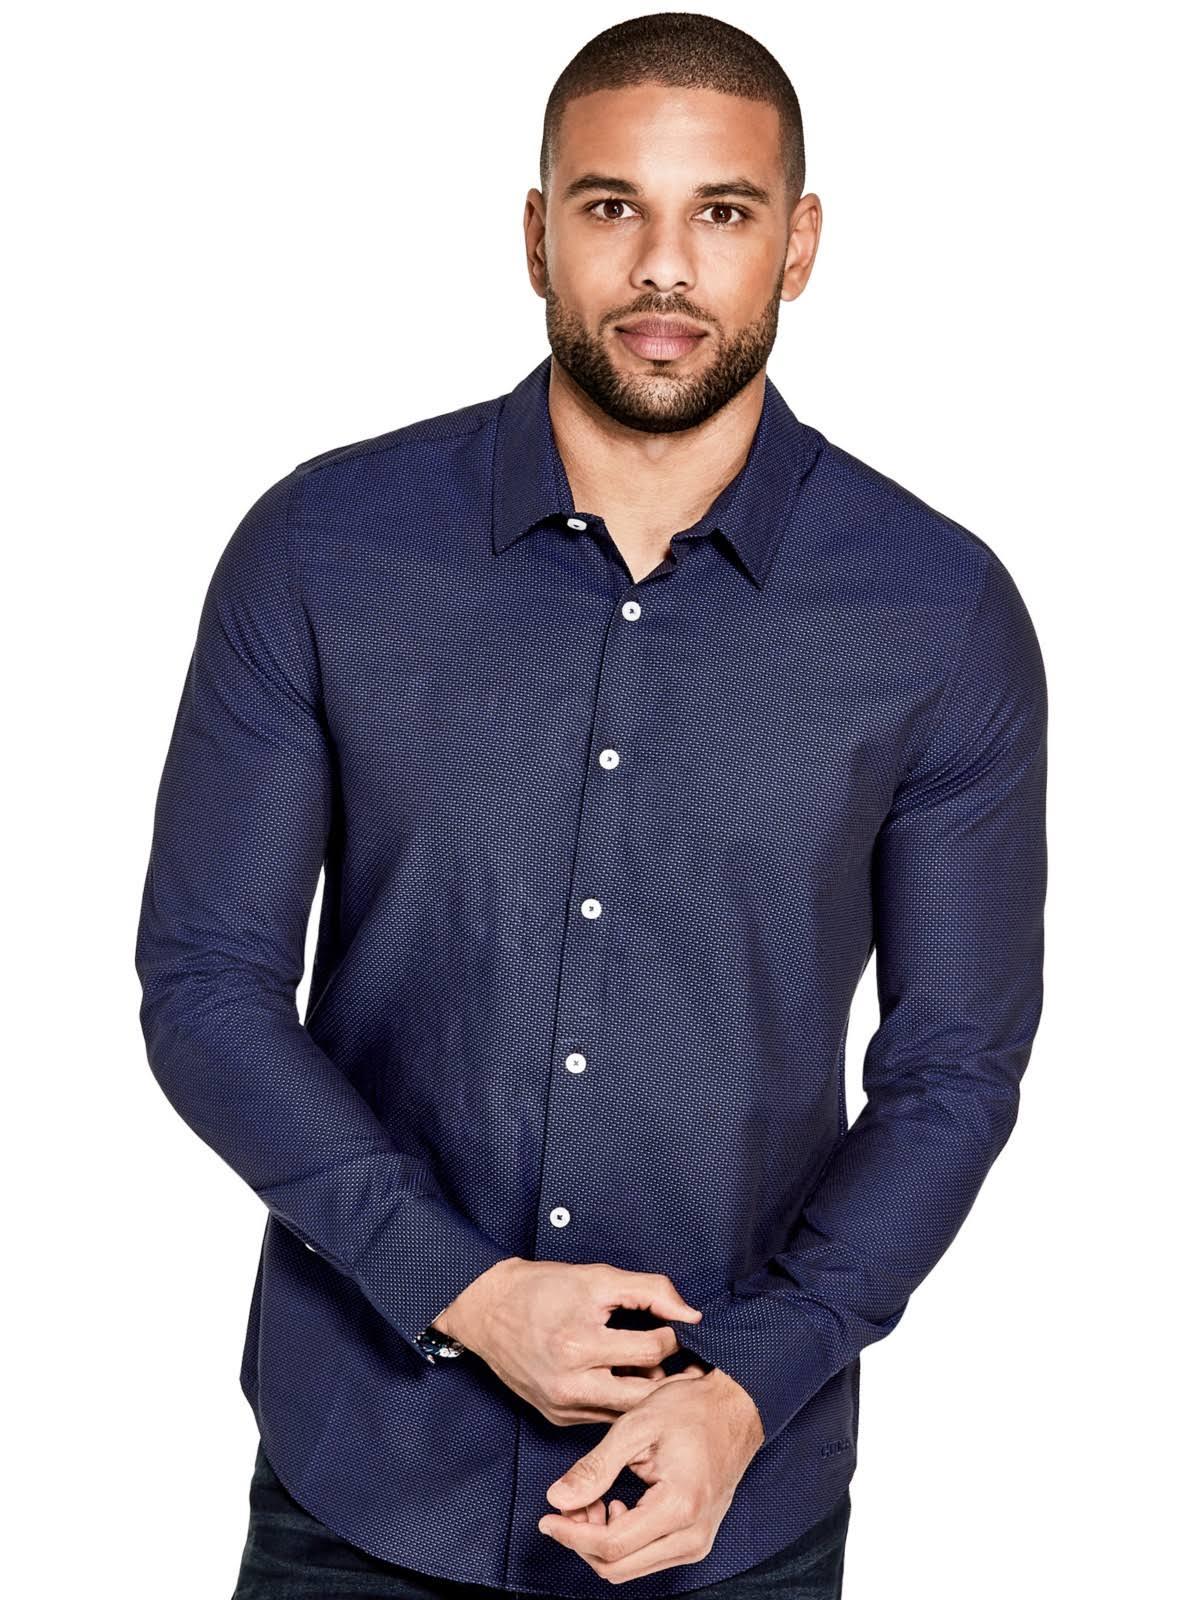 Guess Parte Chapman Camisa En Azul Con Factory Nightfall La Botones Delantera ppqxrRn